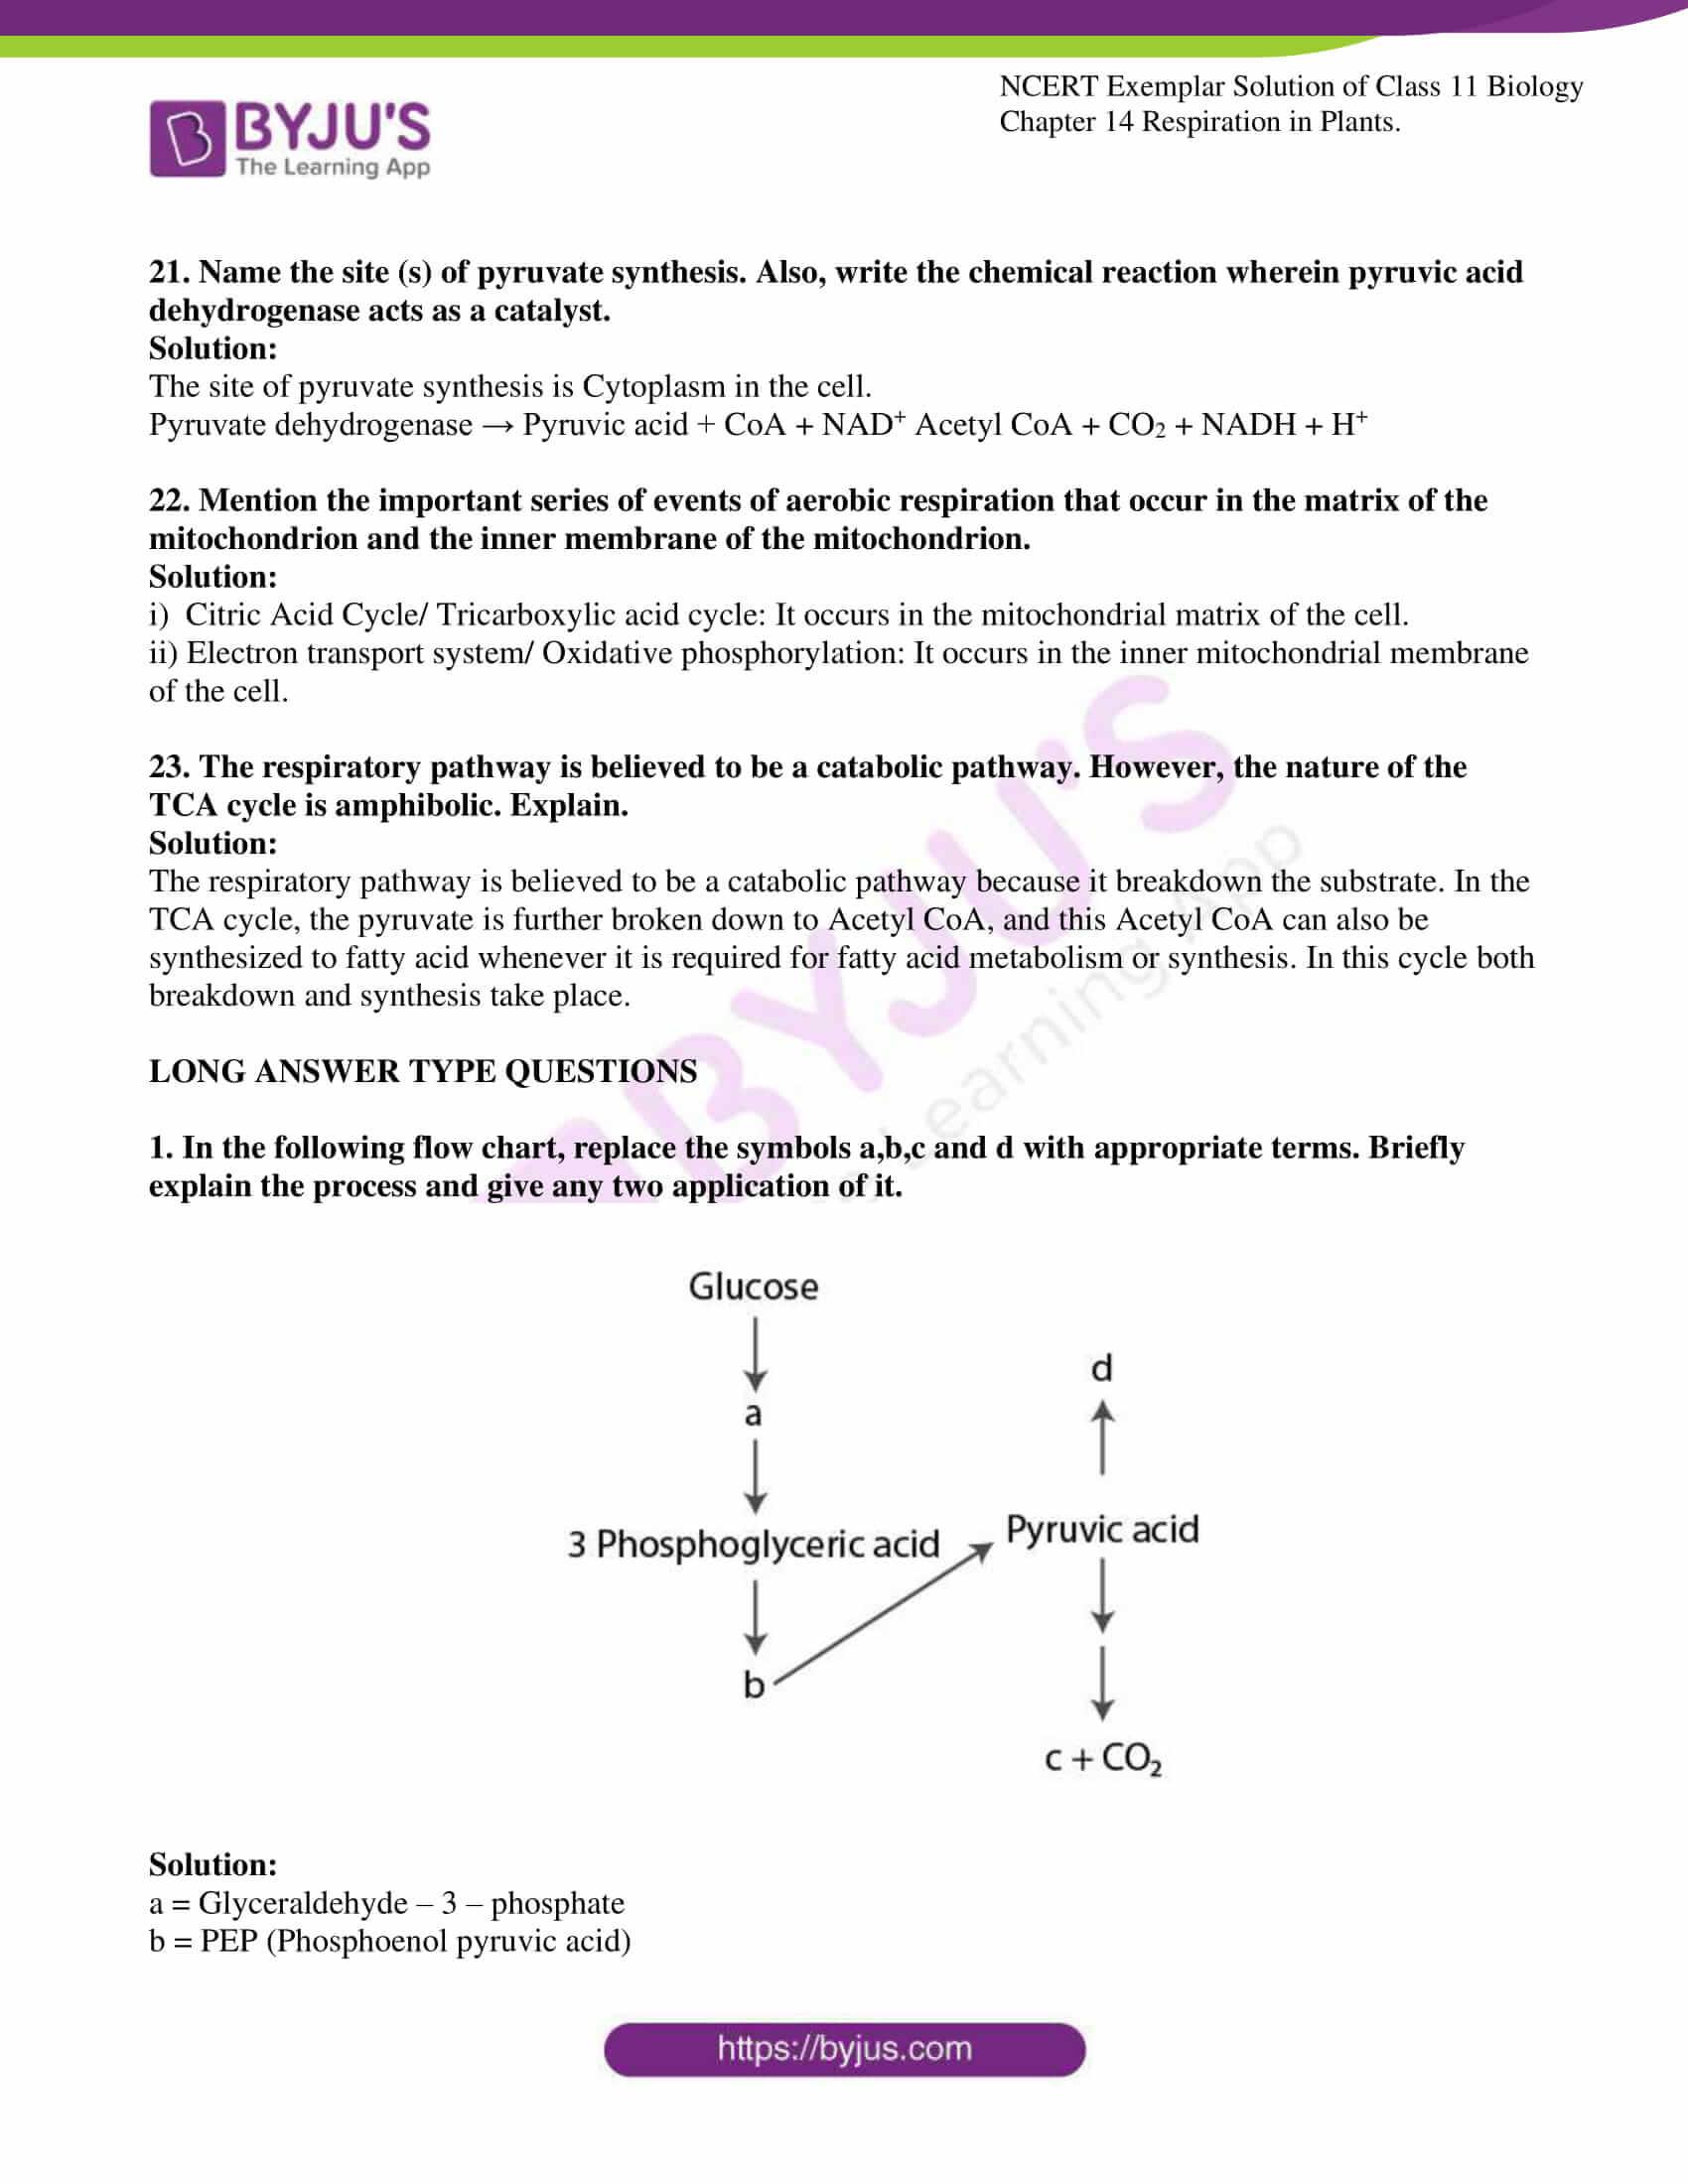 ncert exemplar solutions class 11 biology chapter 14 10